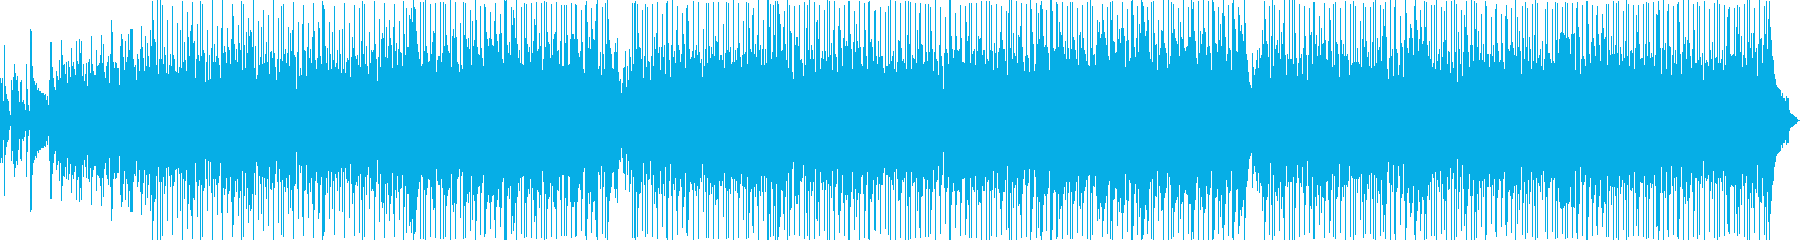 ポップ。ラブソング、80年代。歌詞...の再生済みの波形